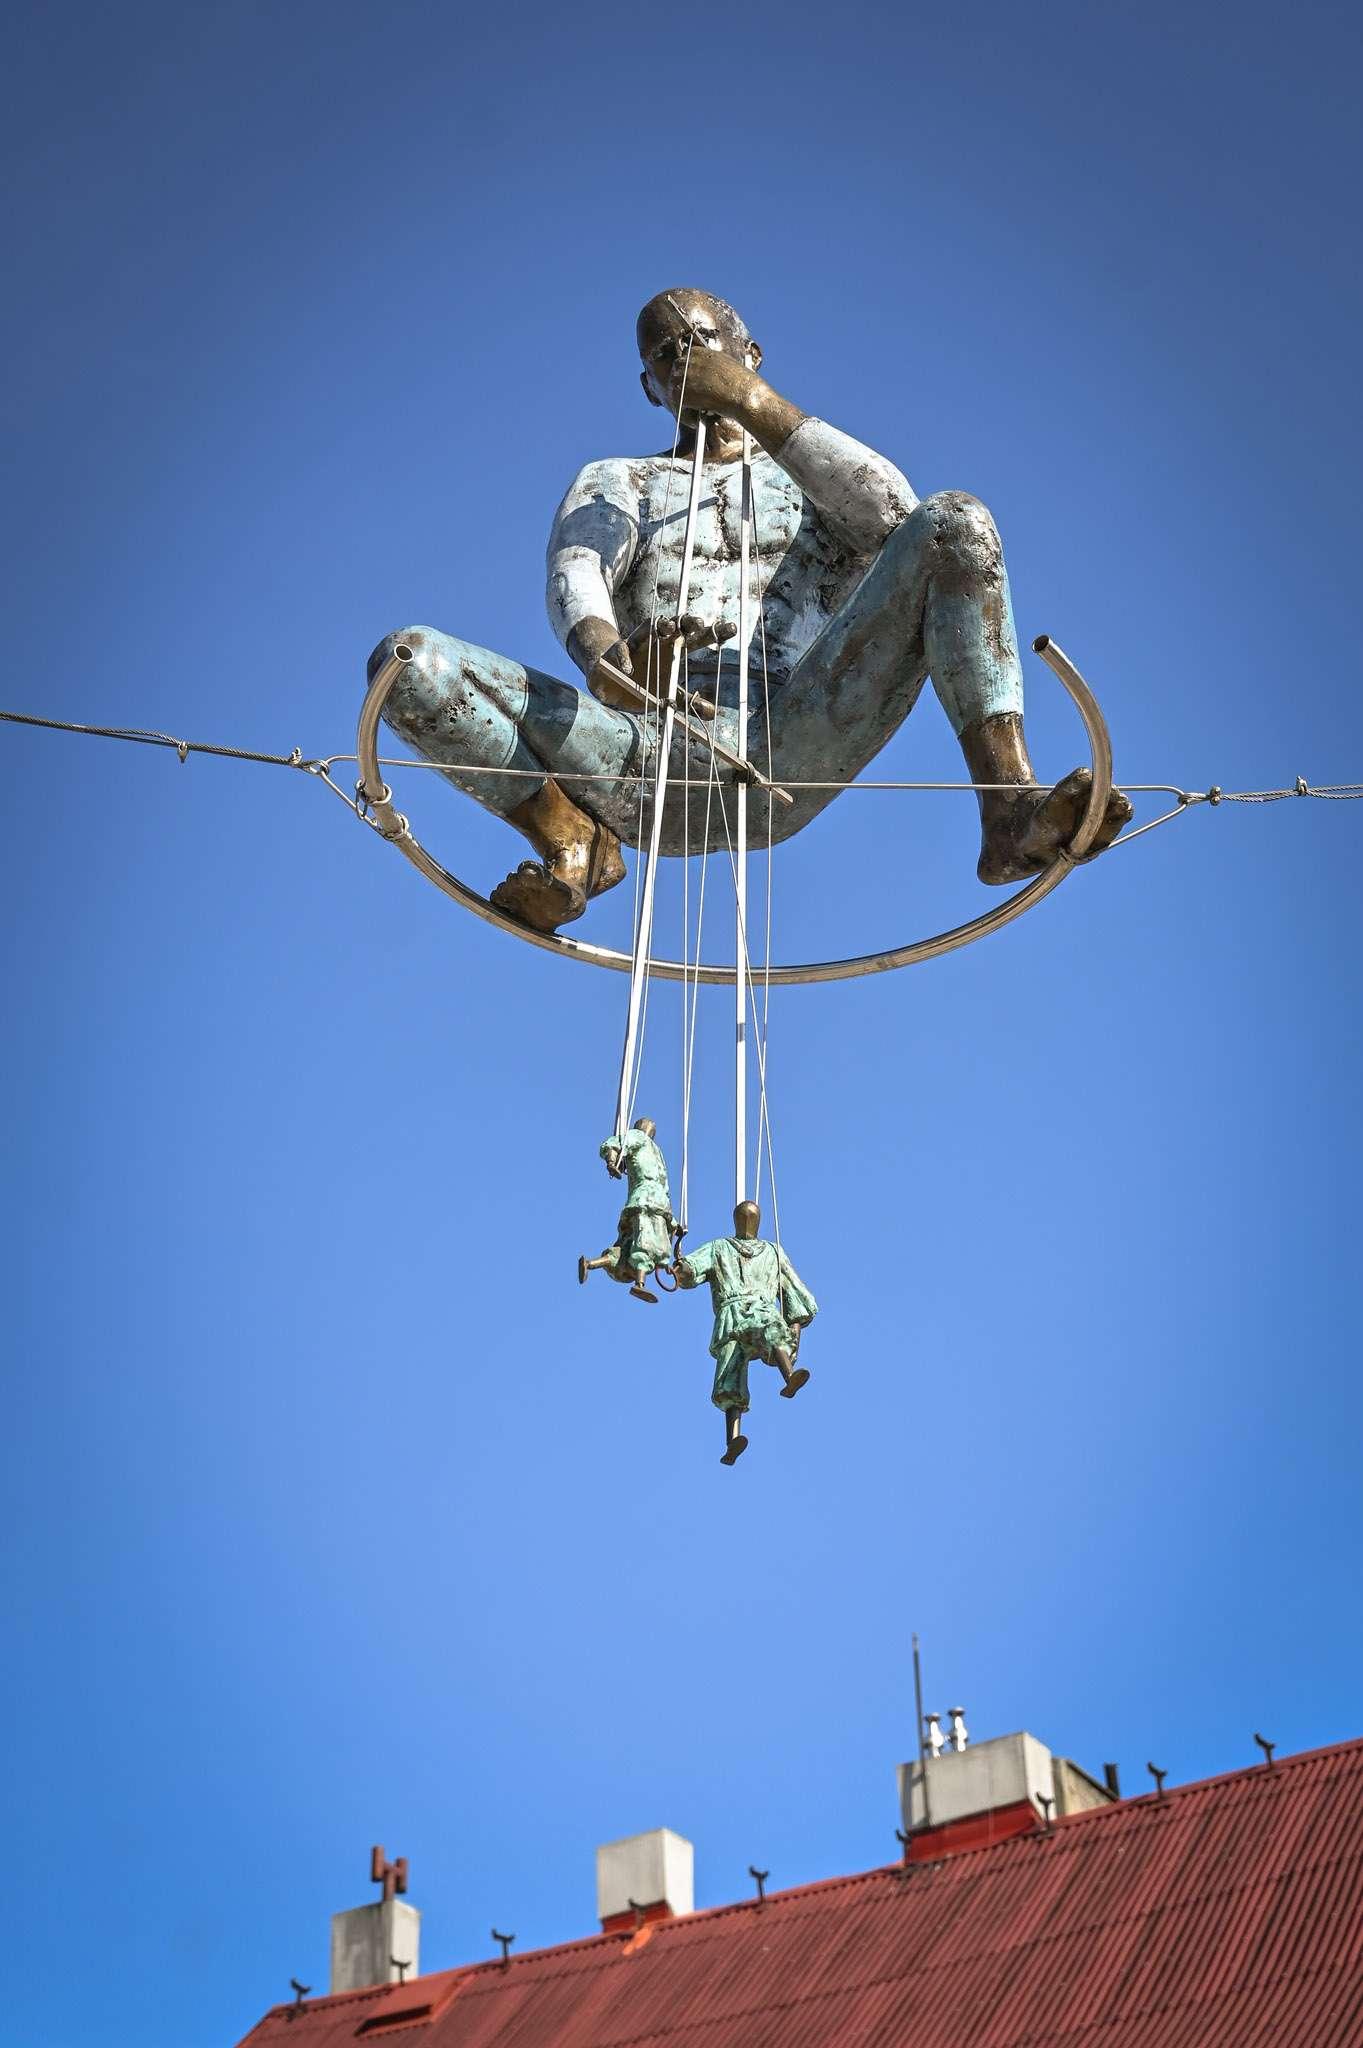 Rzeźba lalkarza, który trenuje i animuje ruch lalkowych prototypów